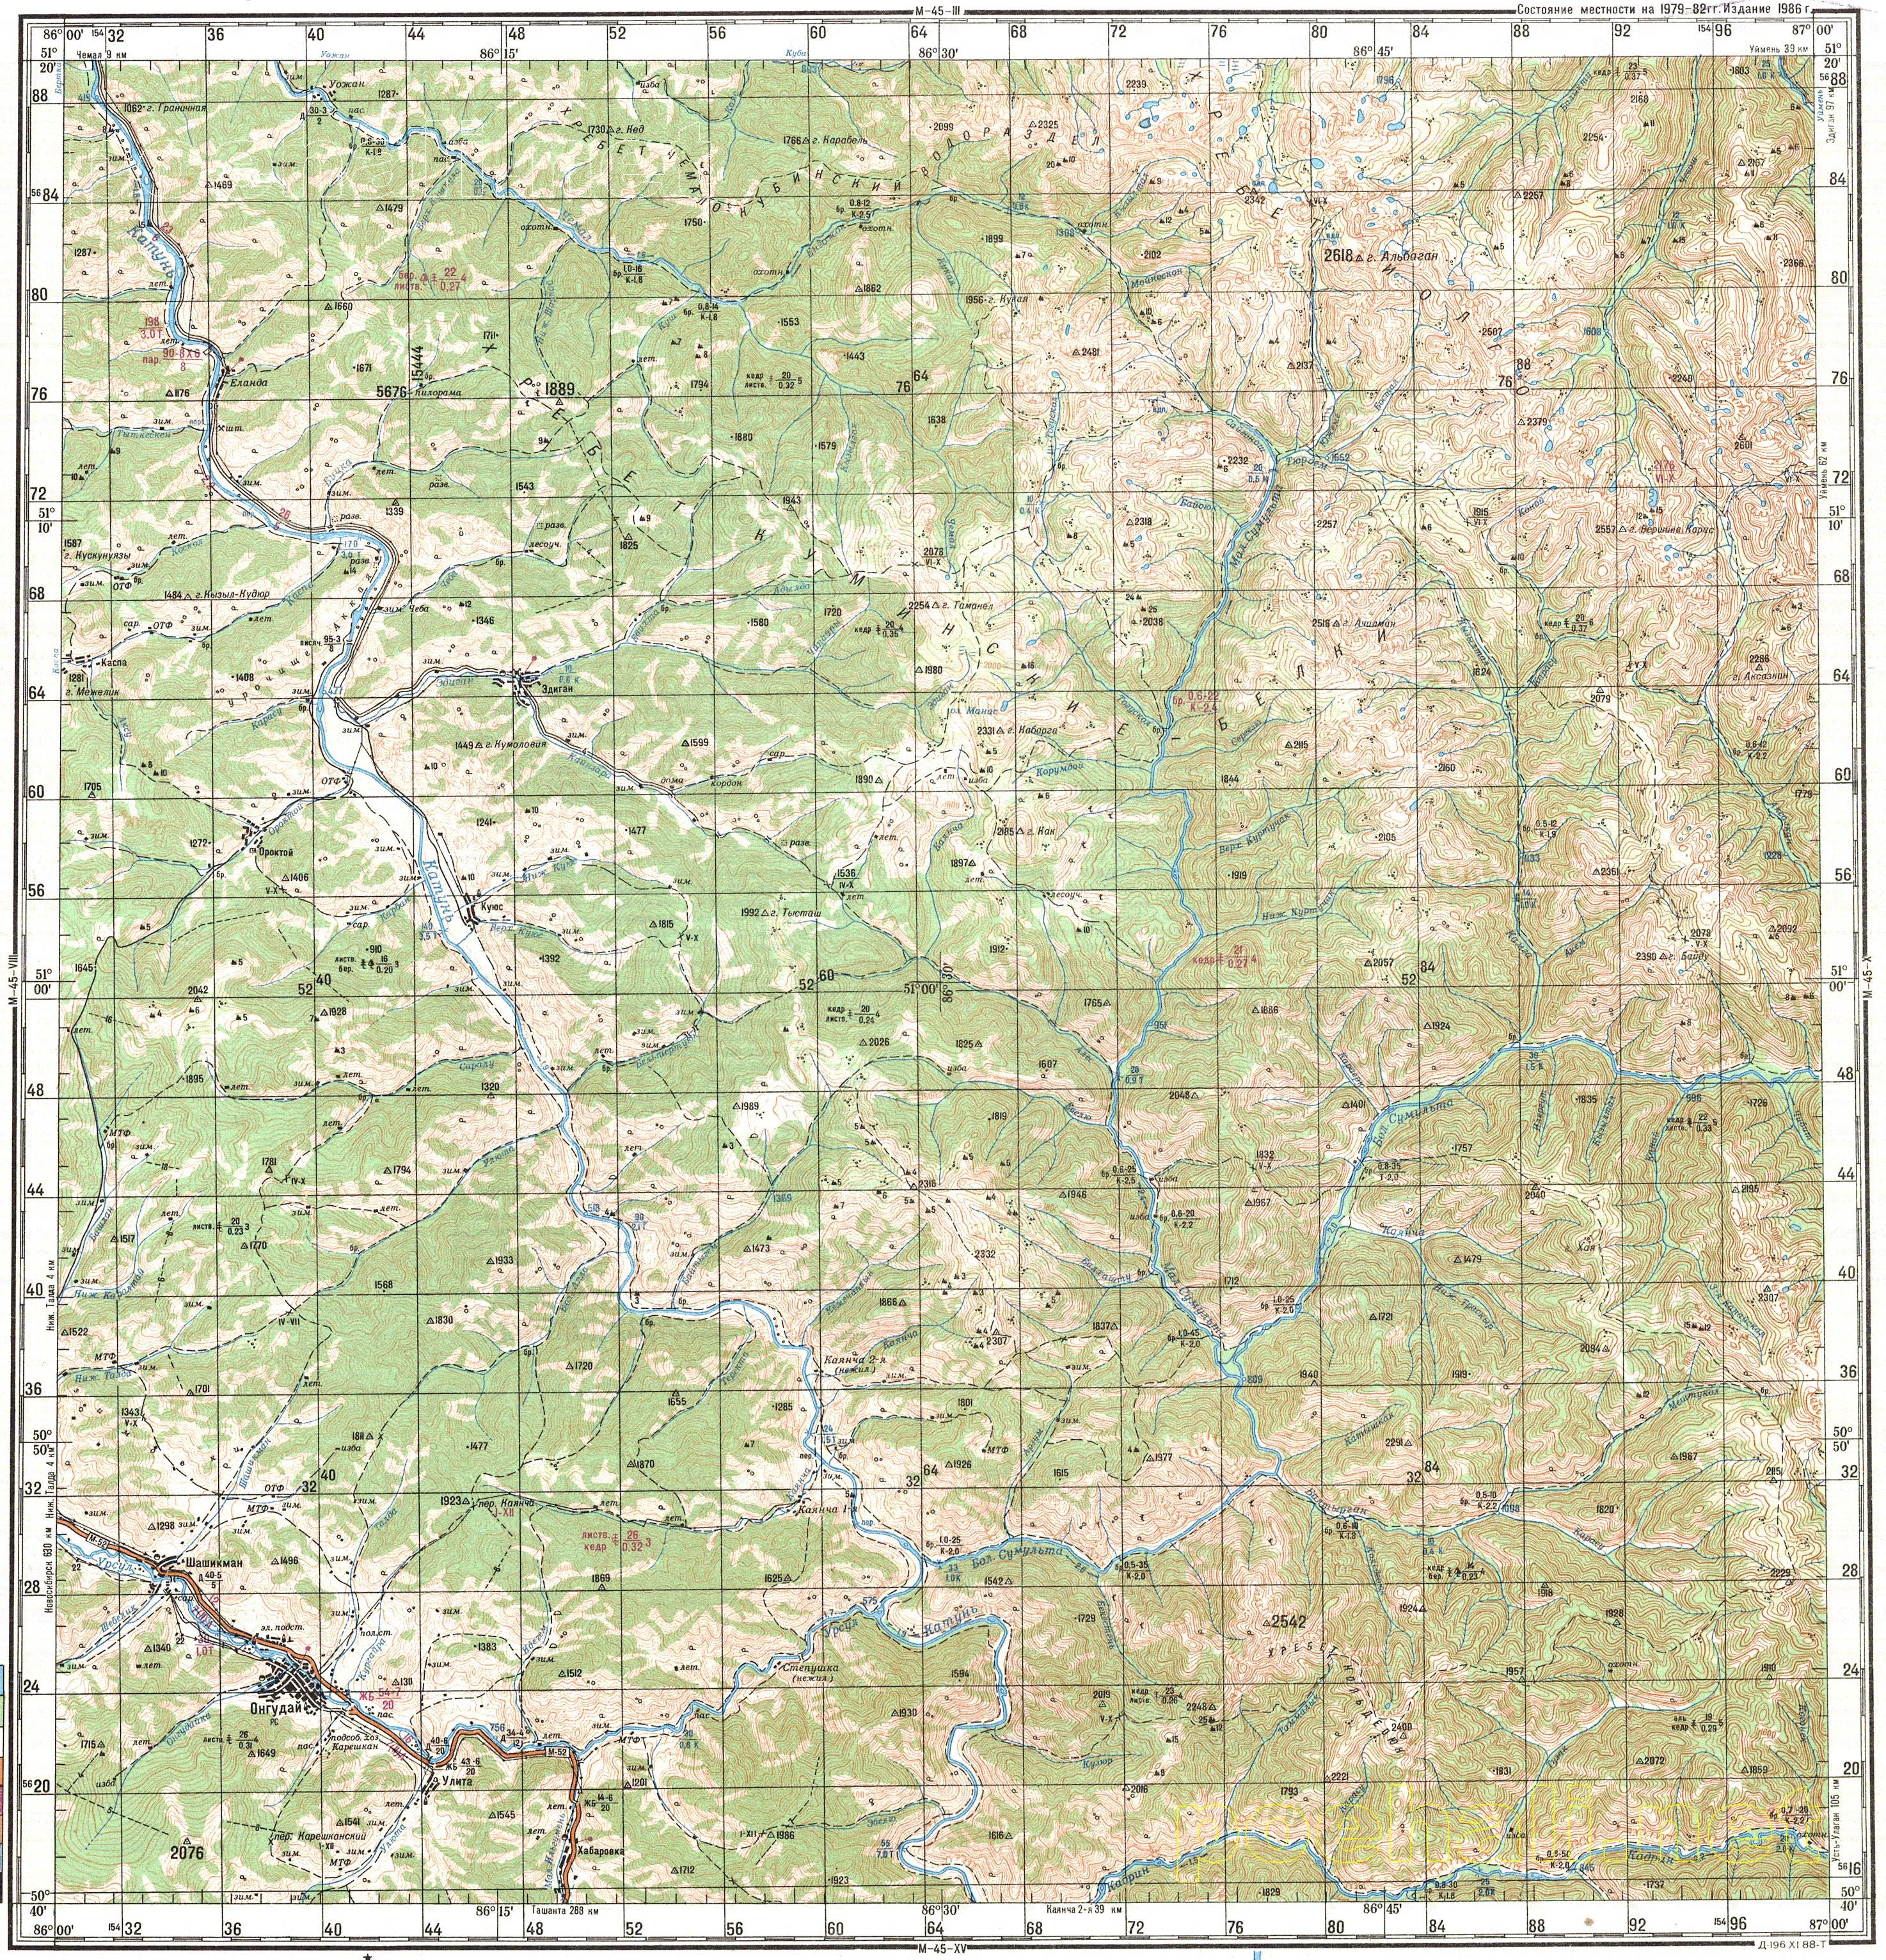 Скачать карту m-45-09 (2716 Kb)